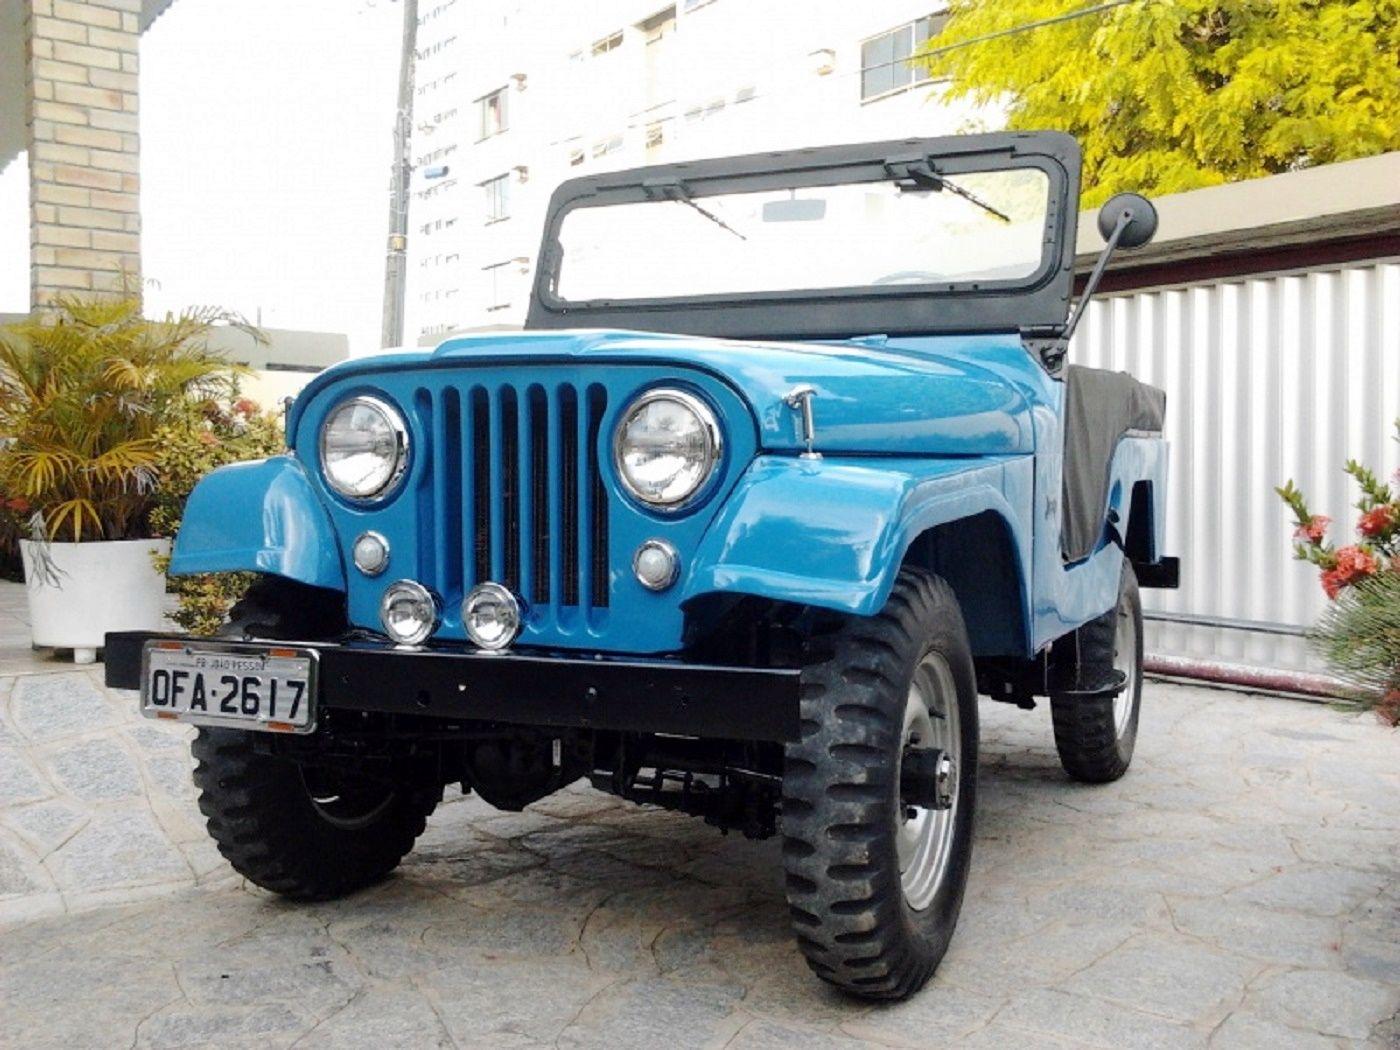 Jeep willys ford 1968 azul http www 4x4brasil com